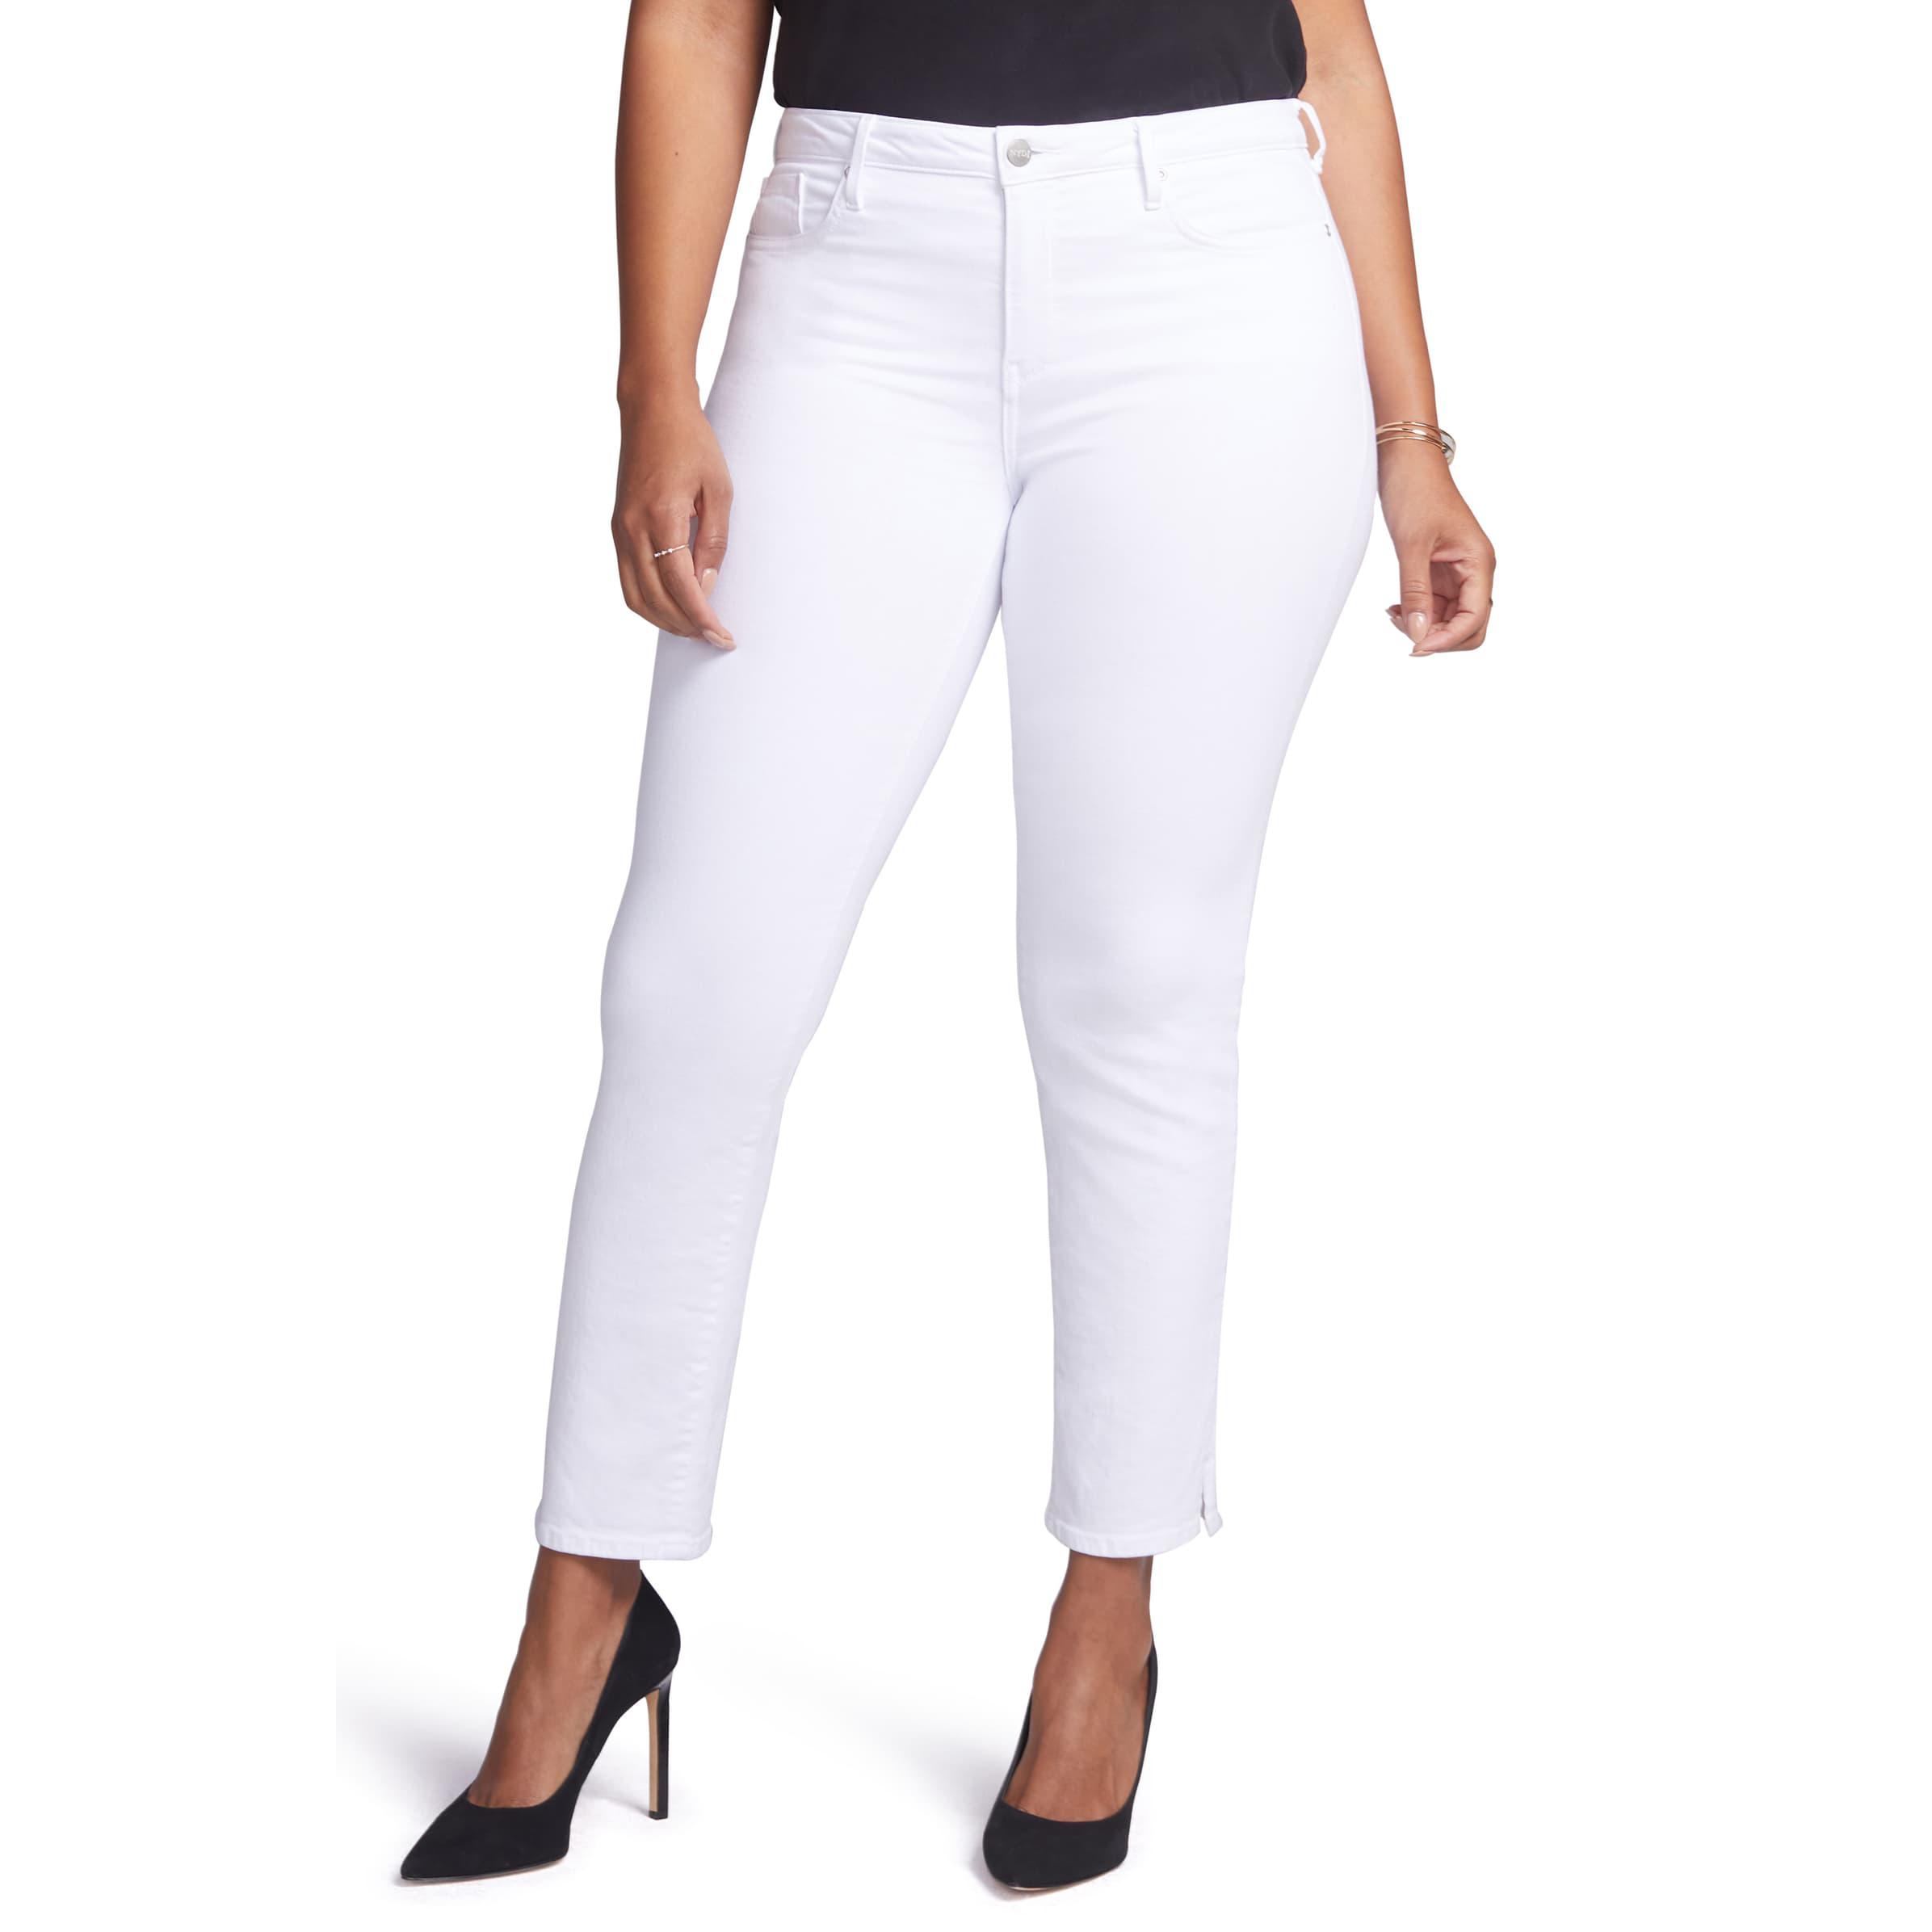 NYDJ Slim Straight Leg Ankle Jeans